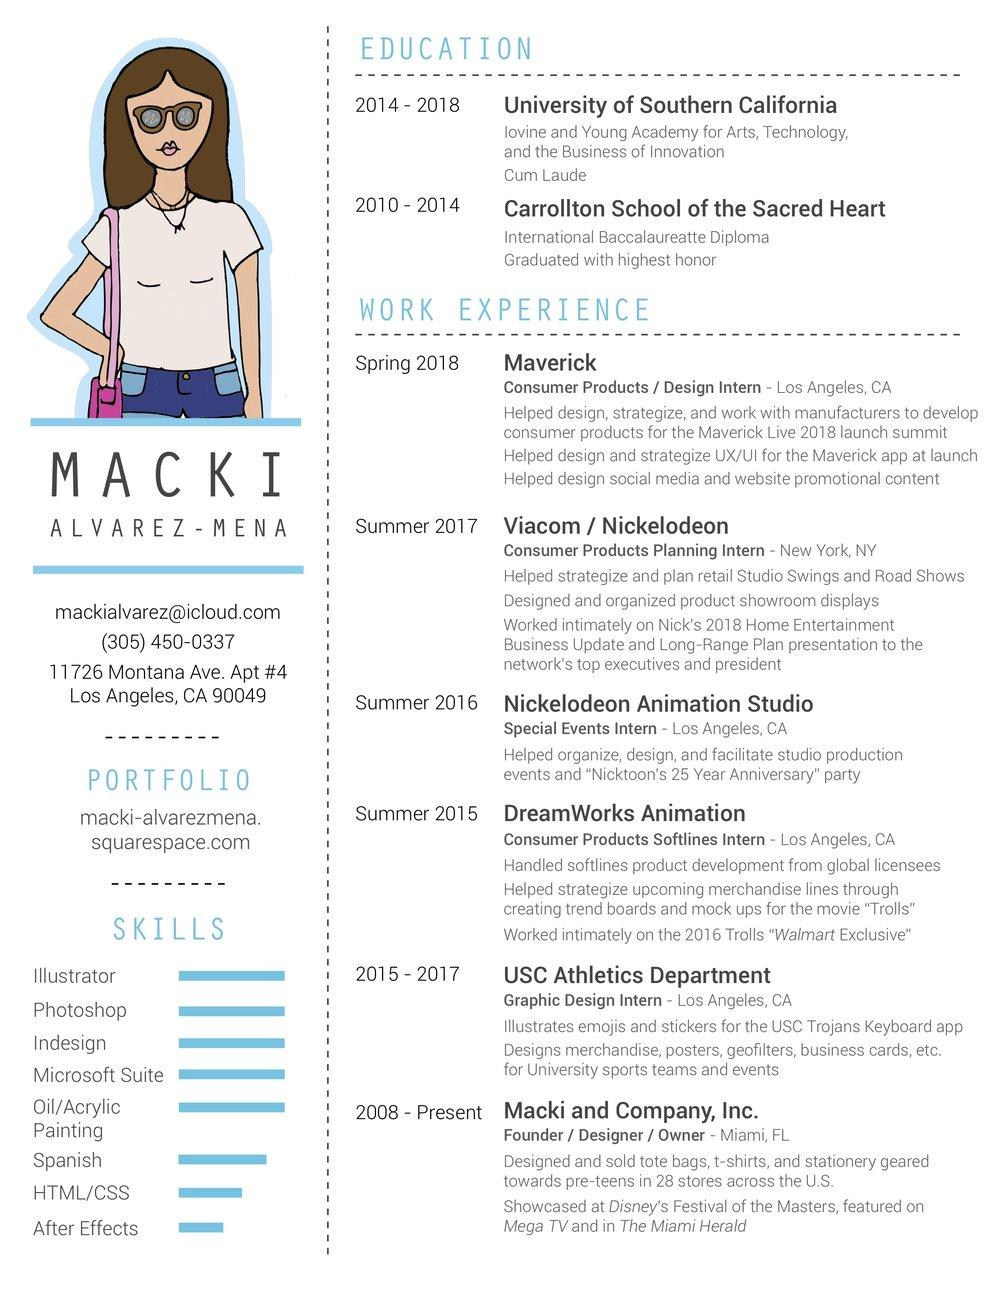 Macki Alvarez-Mena_Resume_2018.jpg